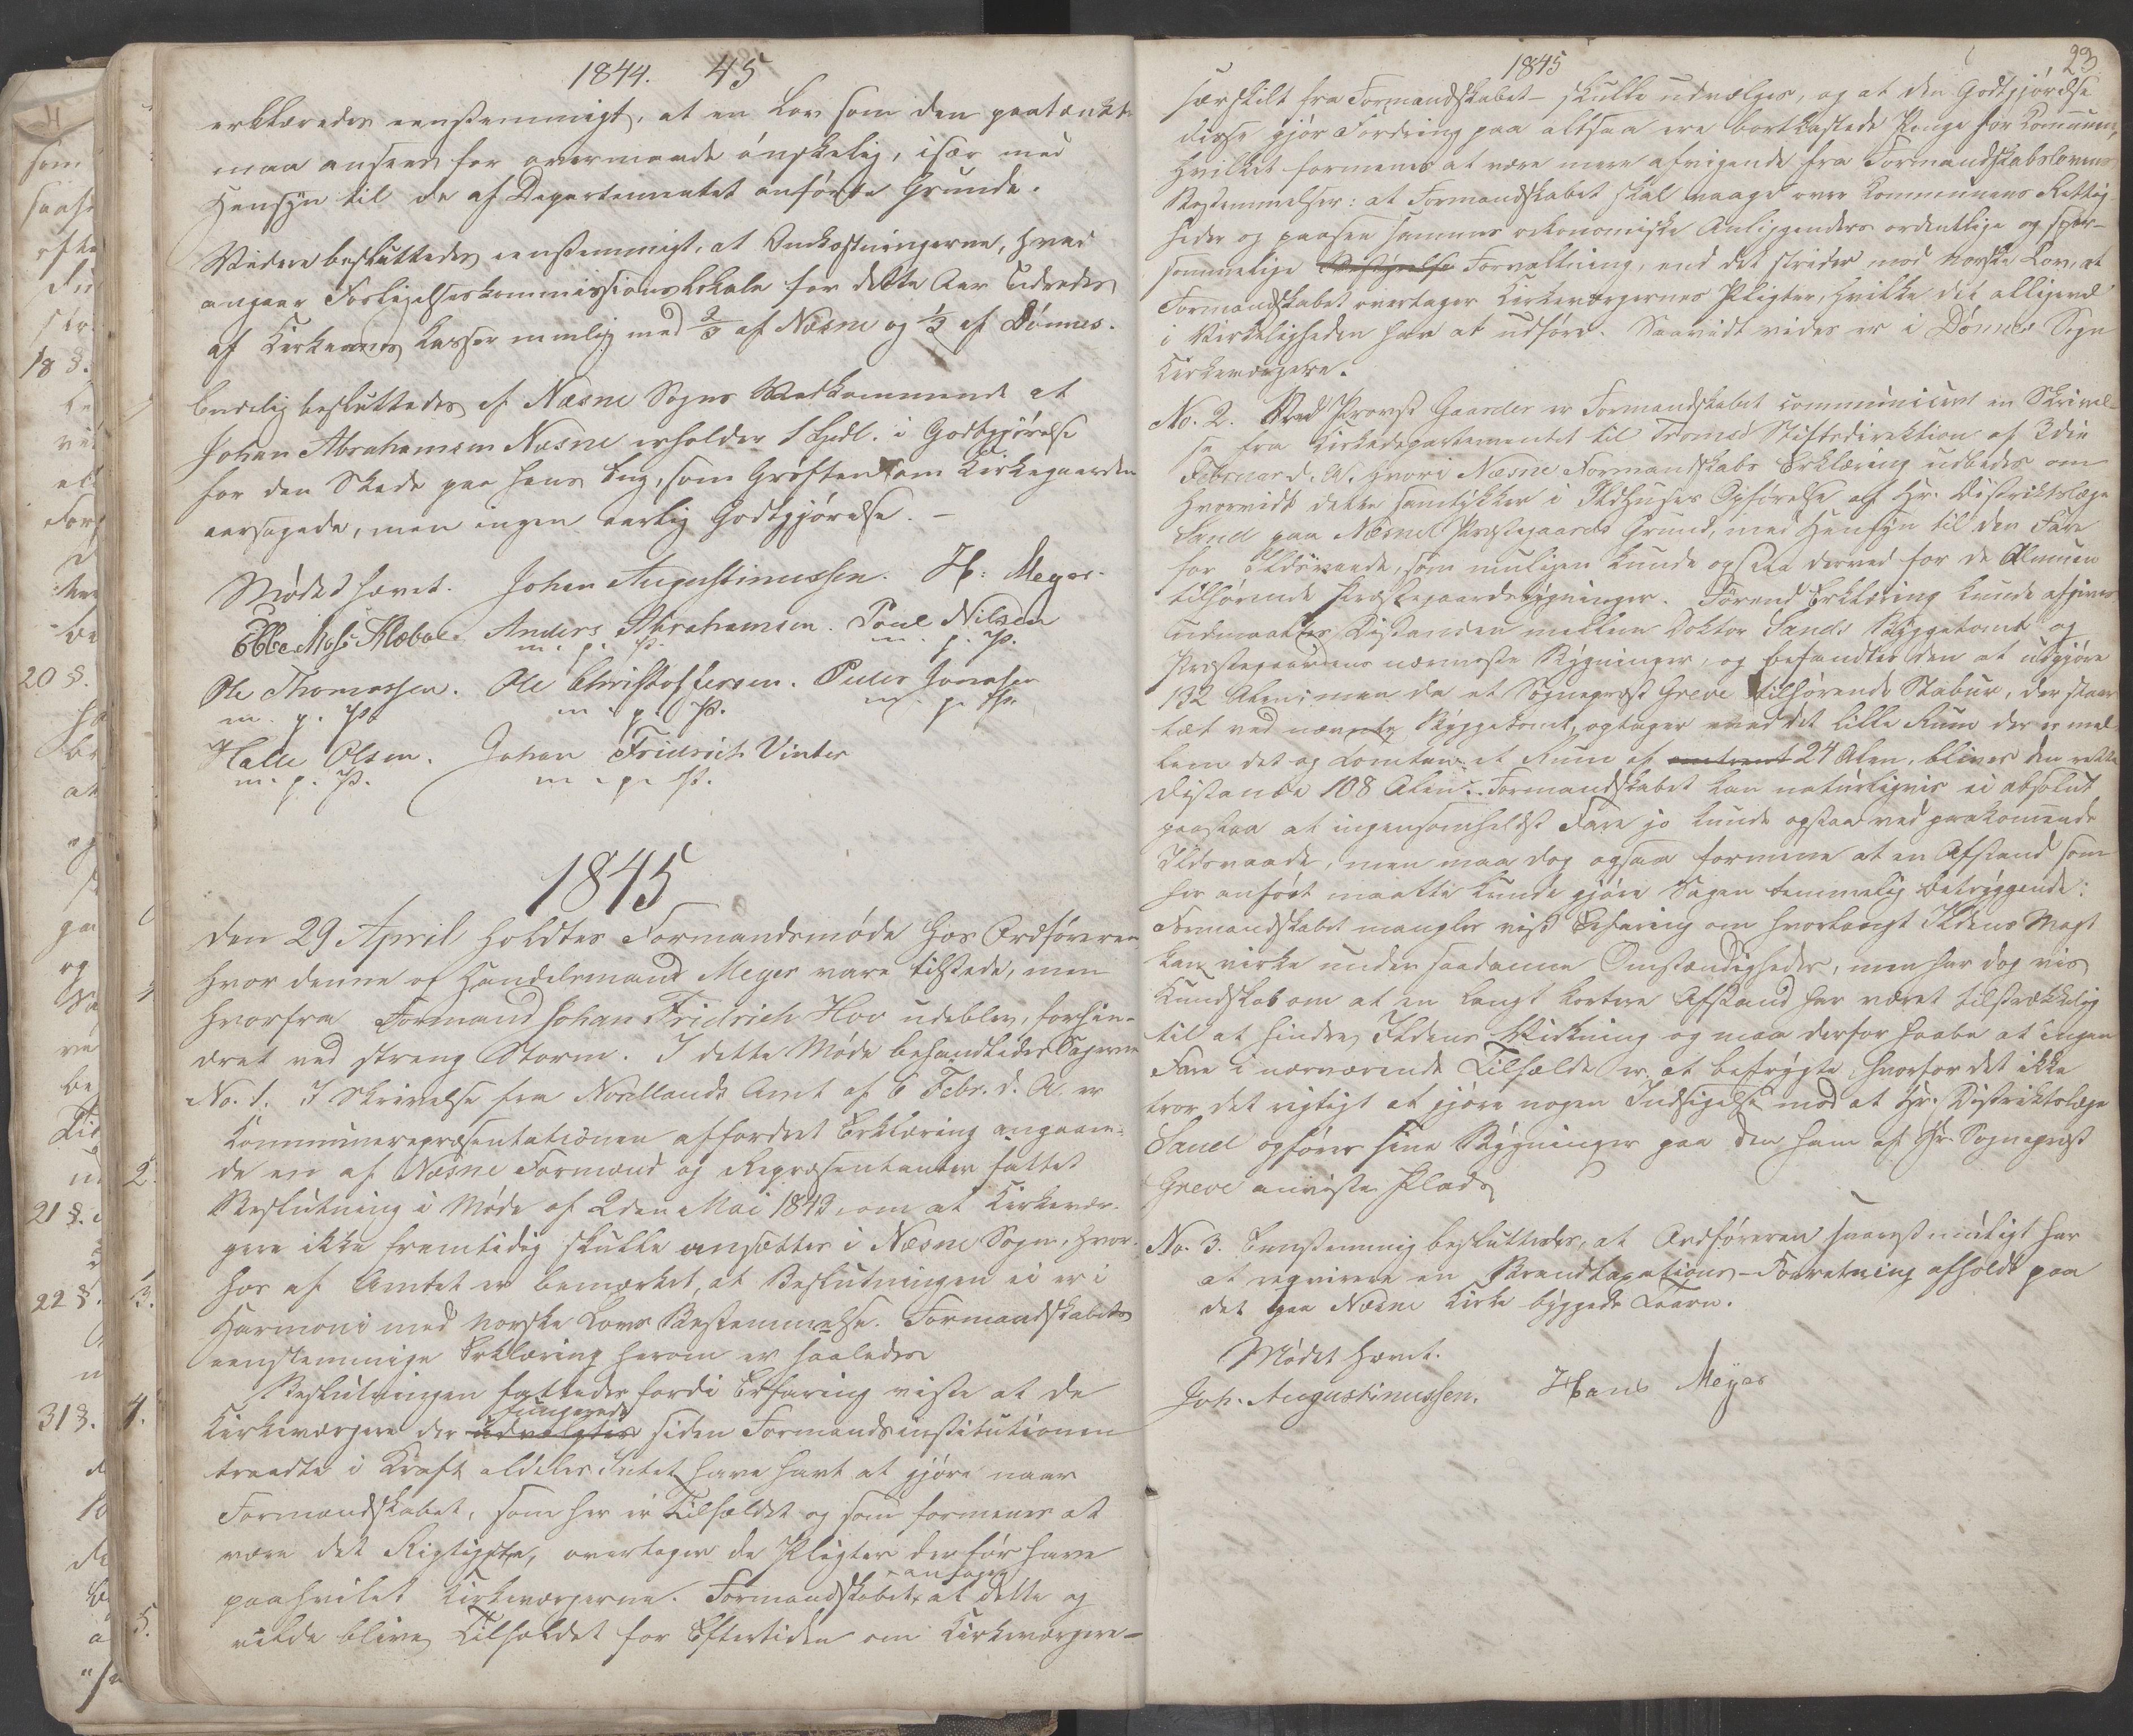 AIN, Nesna kommune. Formannskapet, 100/L0001: Møtebok, 1838-1873, s. 23